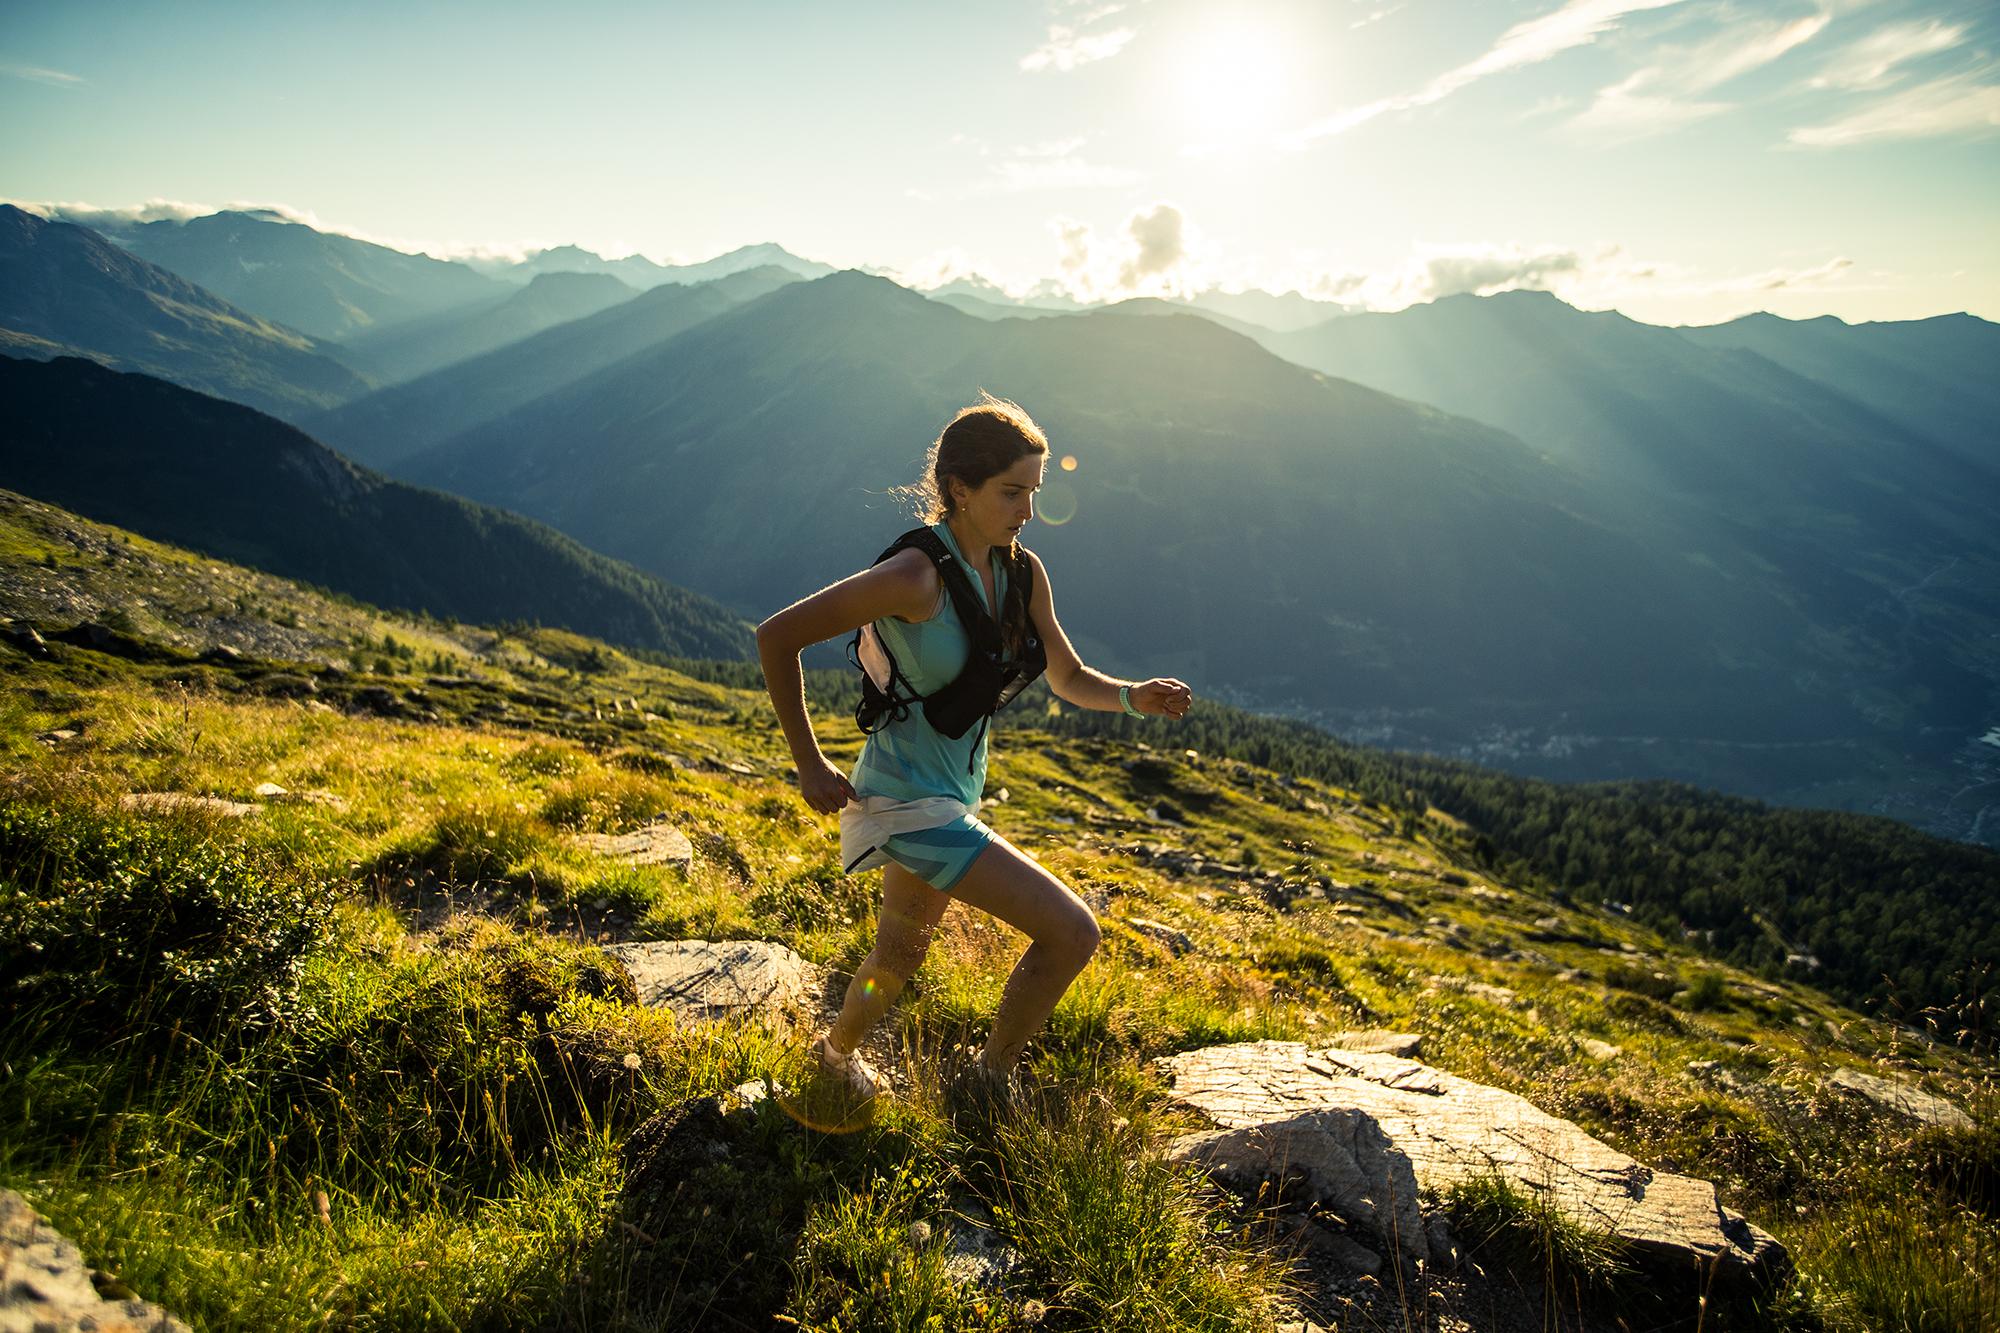 Bergläuferin vor den Bergen Gasteins im Sonnenuntergang